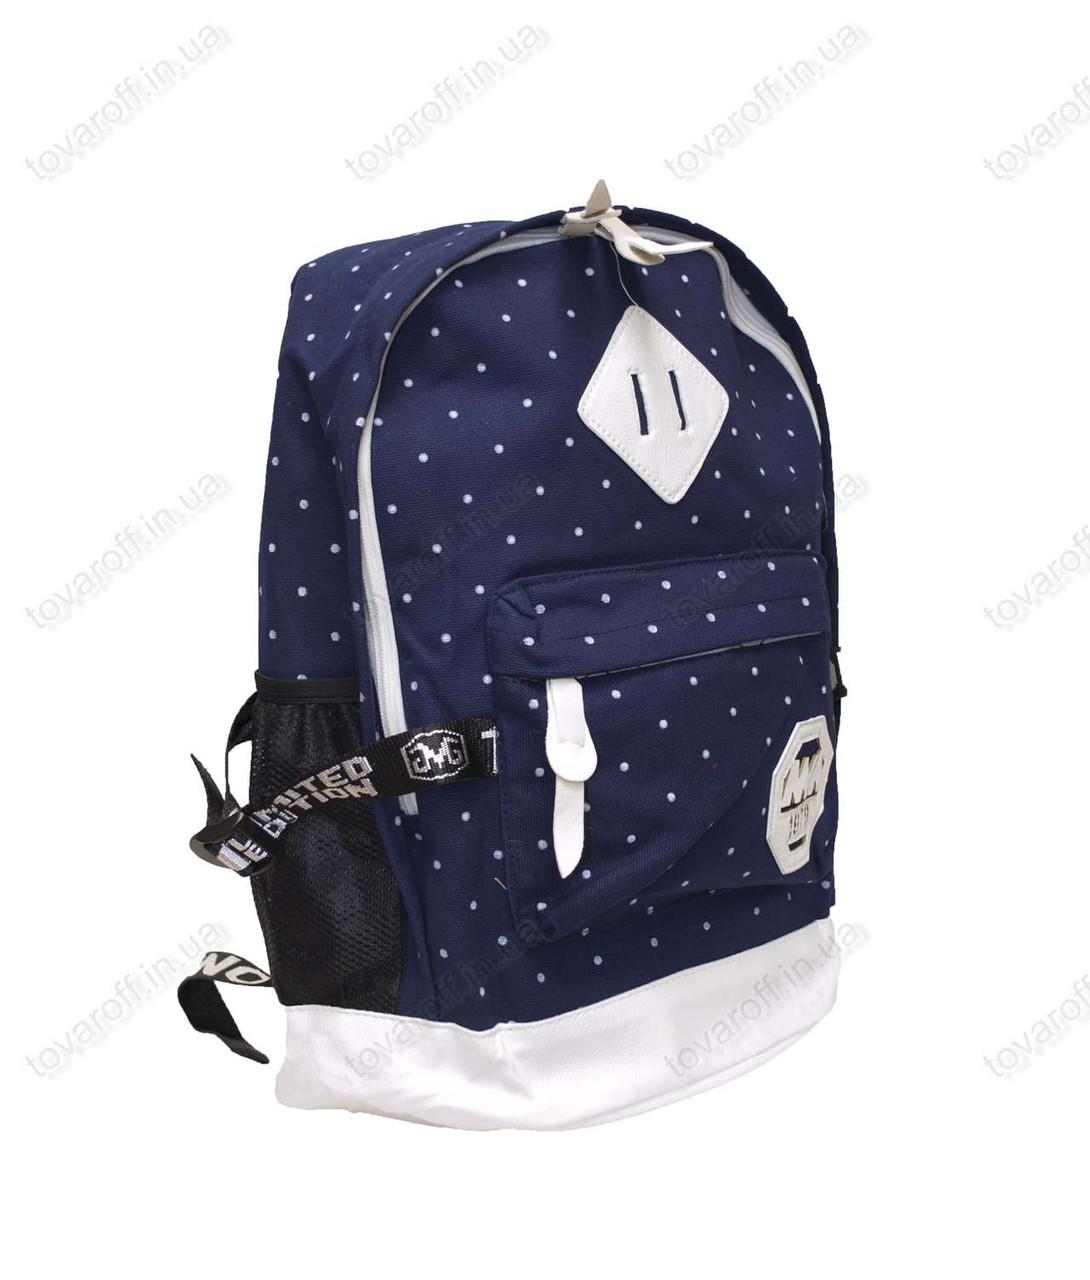 Оптом рюкзак школьный/городской из мешковины - Горошек - Синий - 979